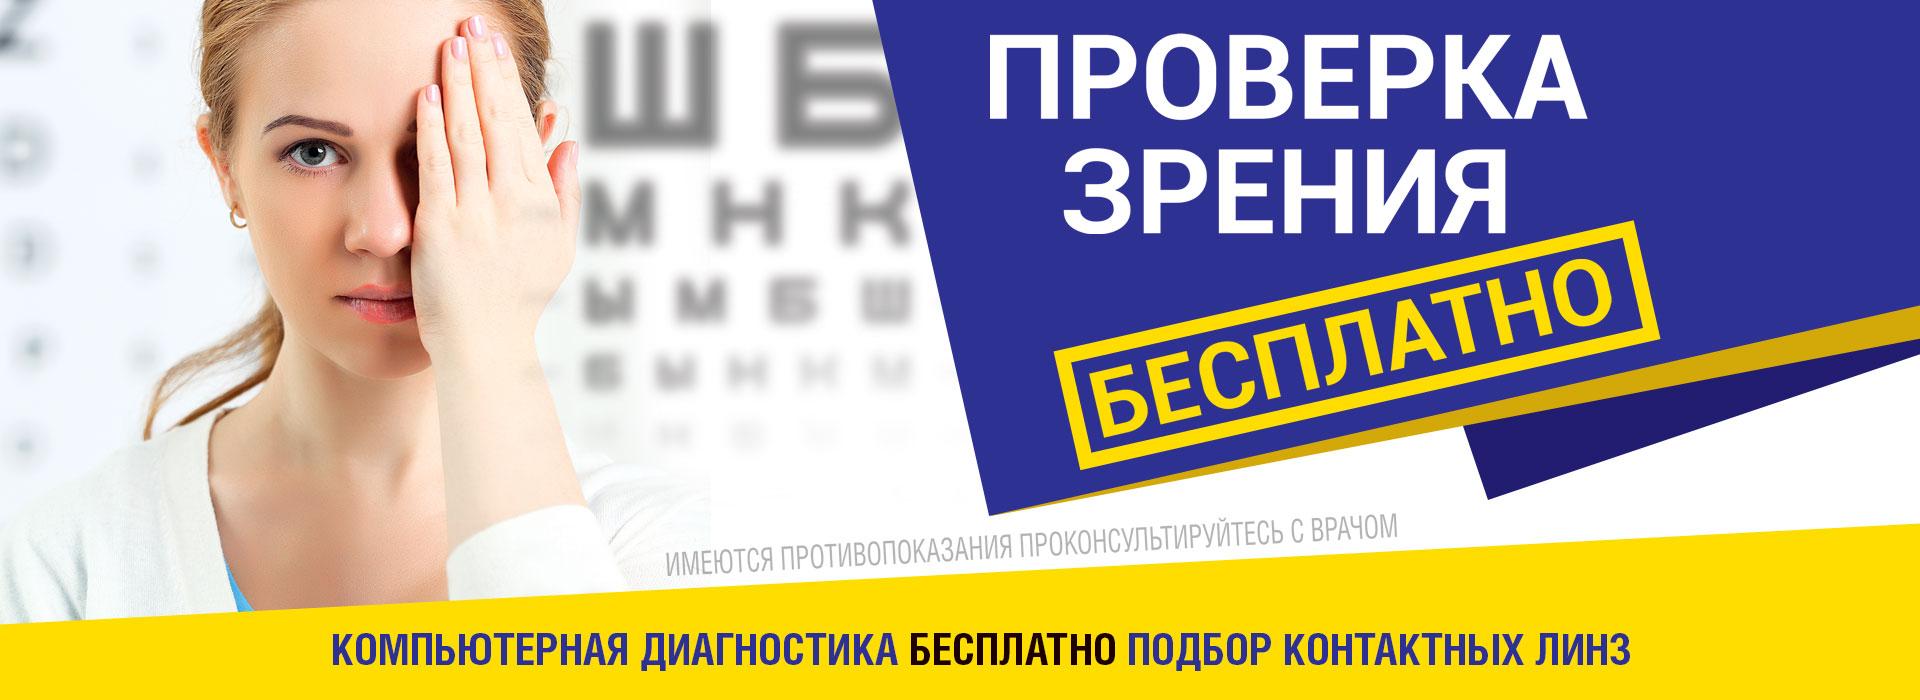 Проверка зрения и подбор линз в Чебоксарах и Новочебоксарске, этапы и результаты диагностики.